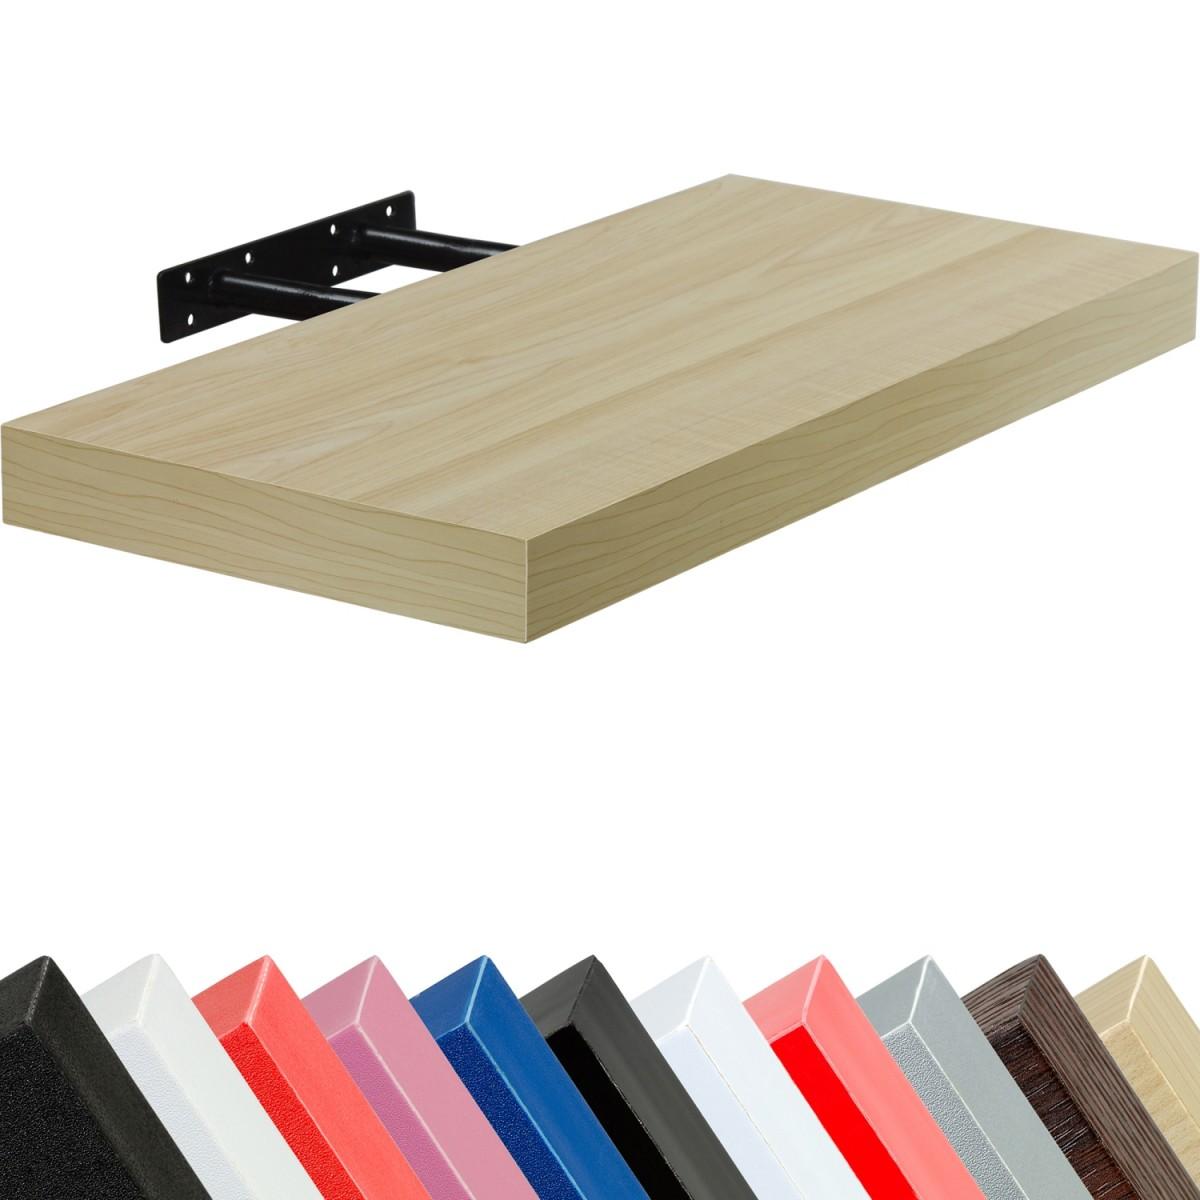 Wandregal Freischwebend (verdeckte Befestigung ohne sichtbare Winkel). MDF-Faserplatten nach E1 Standard geprüft. Farbwahl: 11 Farben. Schwarz, Weiß, Rot, Pink, Blau, Hochglanz-Schwarz, Hochglanz-Weiß, Hochglanz-Rot, Silber, Holzdekor-Hell, Holzdekor-Dunkel). Furnier: PVC. Maße (4 verschiedene Längen): 50(L)* 23,5 (B) 70(L)* 23,5 (B) 90(L)* 23,5 (B) 110(L)* 23,5 (B) Extra starke Regalböden: 3,8 cm Maximalbelastbarkeit: 15 kg Preis: 21.99 €